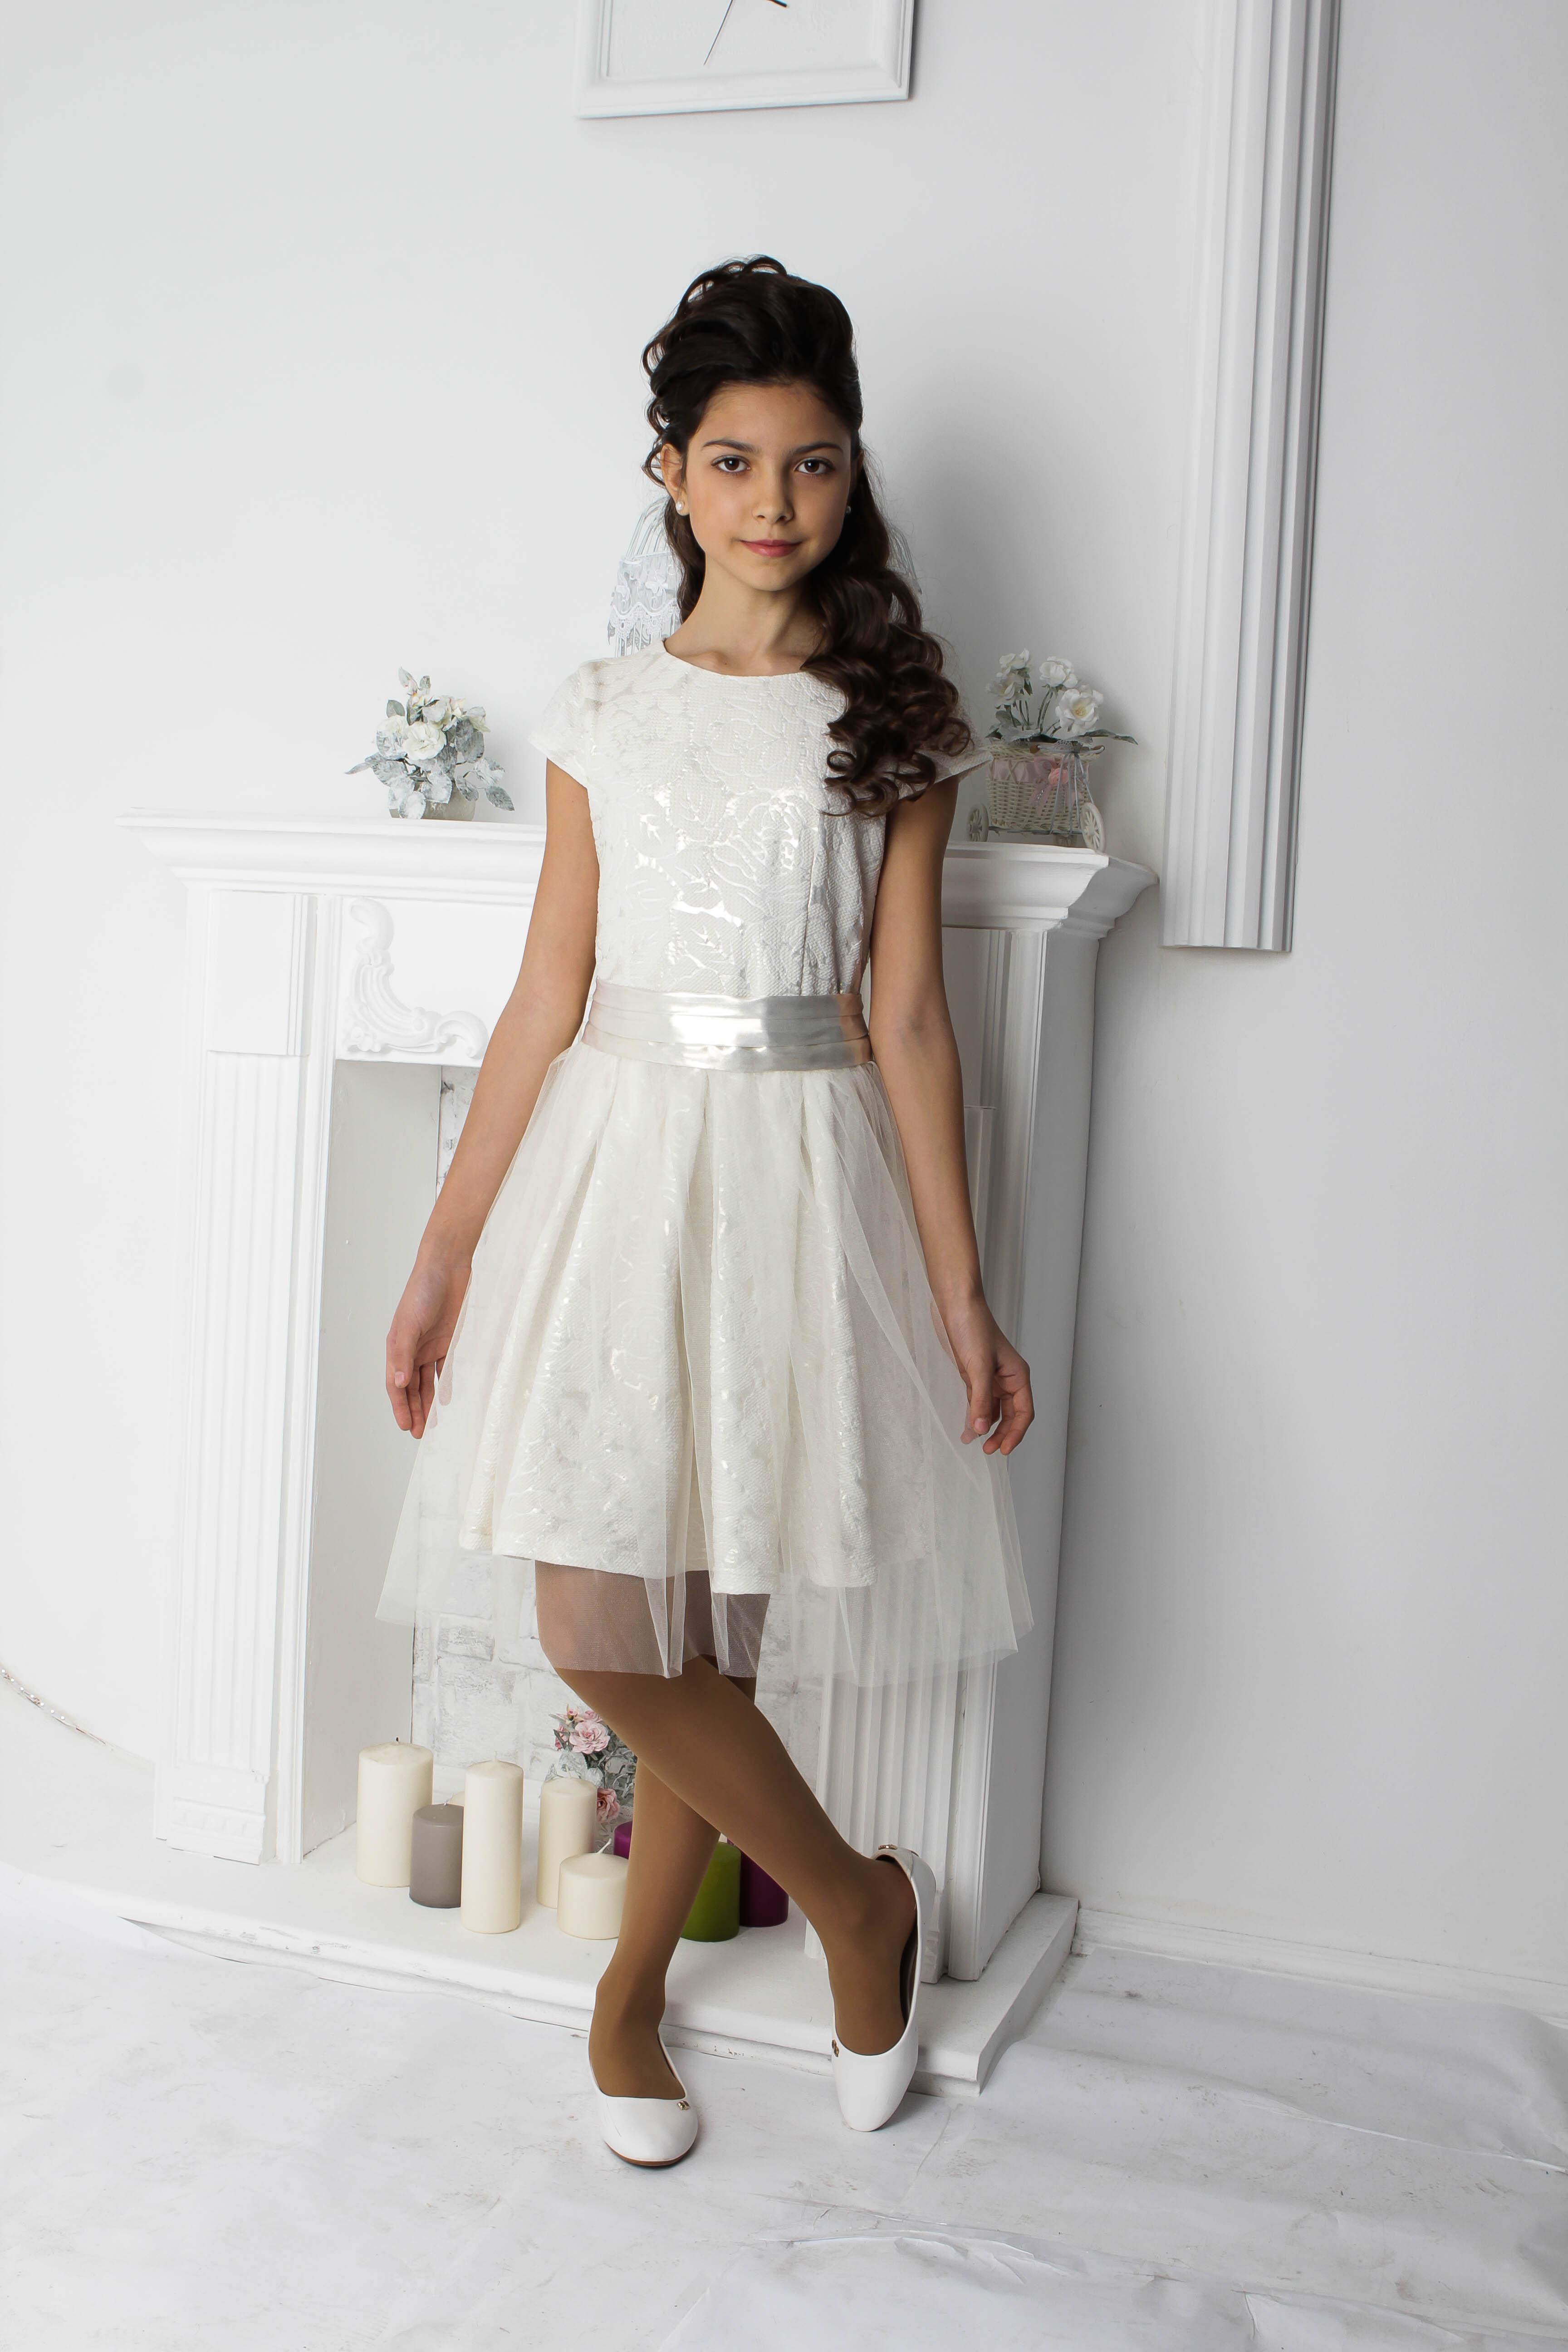 Сбор заказов. R.i.o.n.a.k.i.d.s - элегантные девочки. Шикарные платья к выпускным! Школьные блузки и водолазки высшего качества, есть модели для девочек склонных к полноте. Плащи и ветровки. Без рядов!